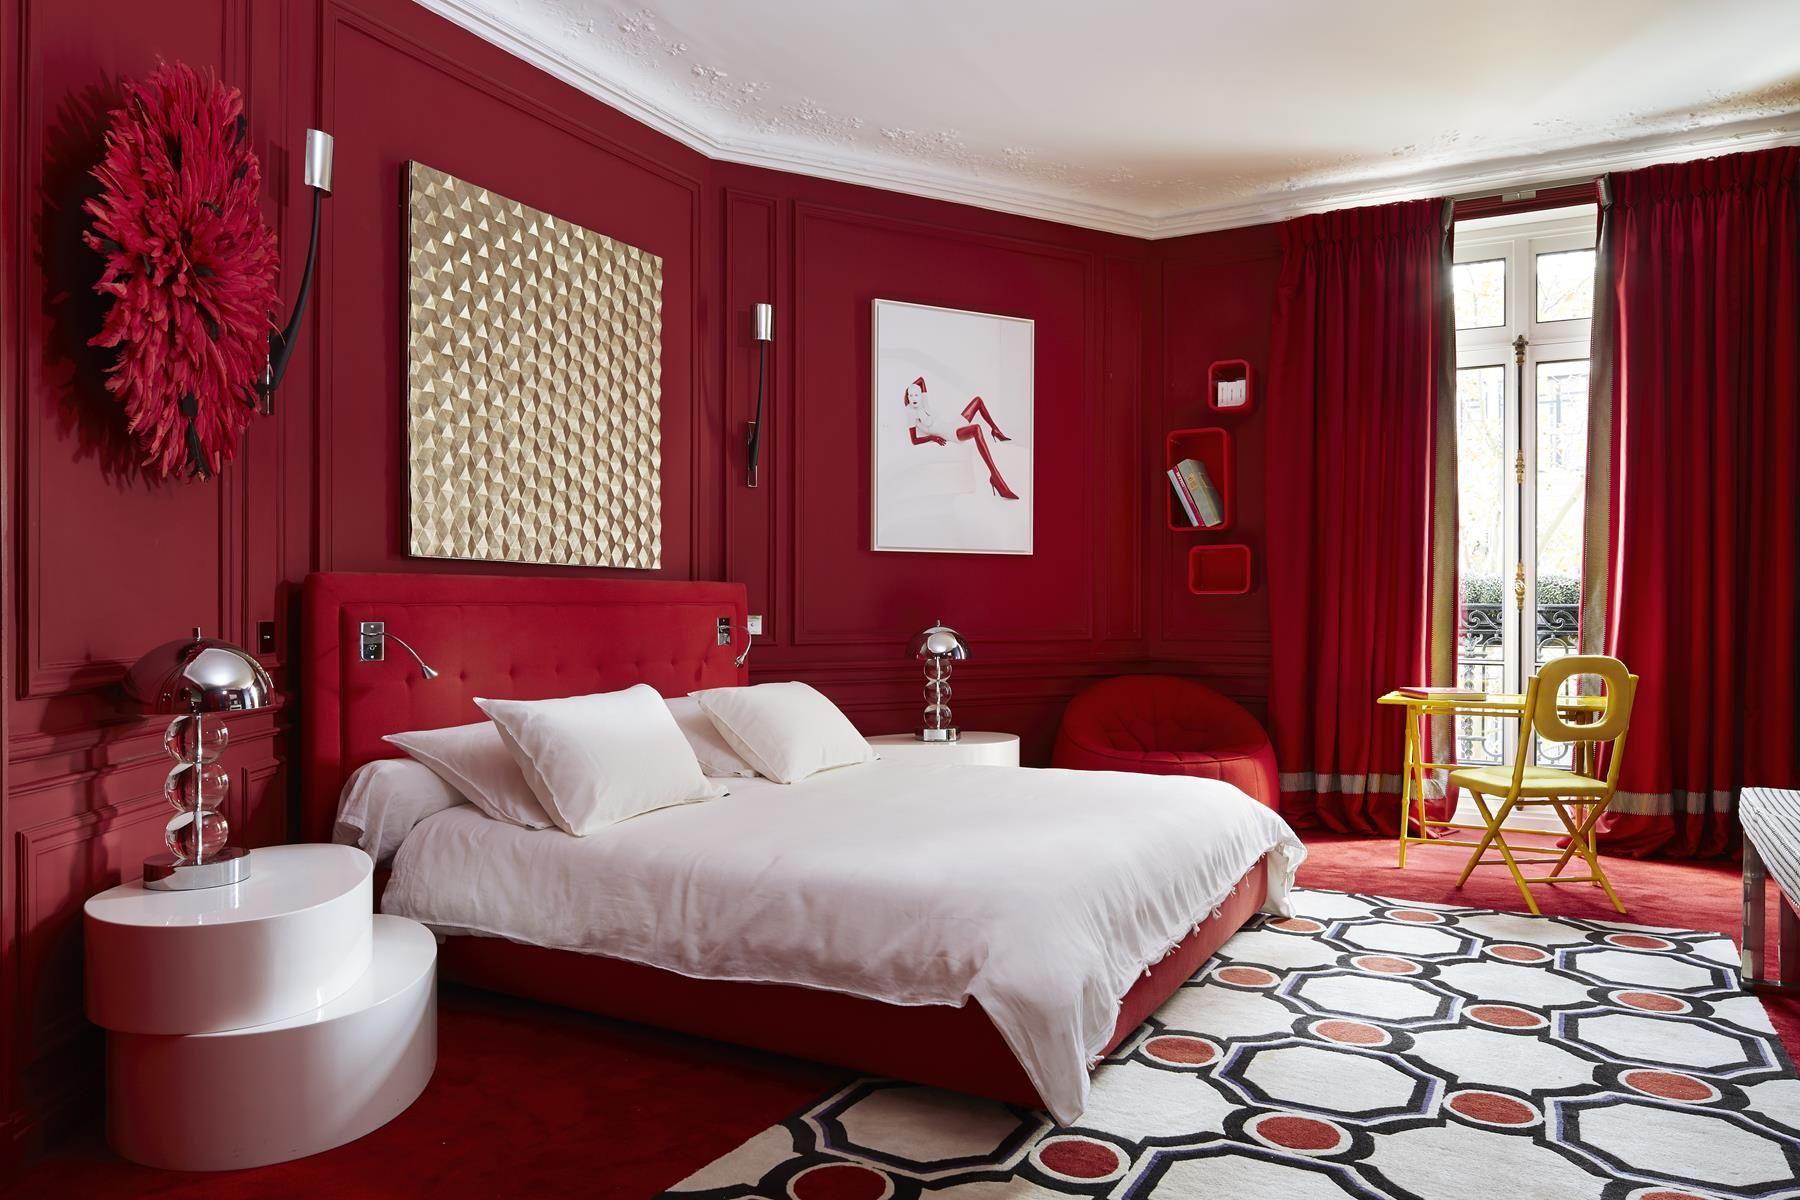 El dormitorio principal  - AD España, © Francis Amiand